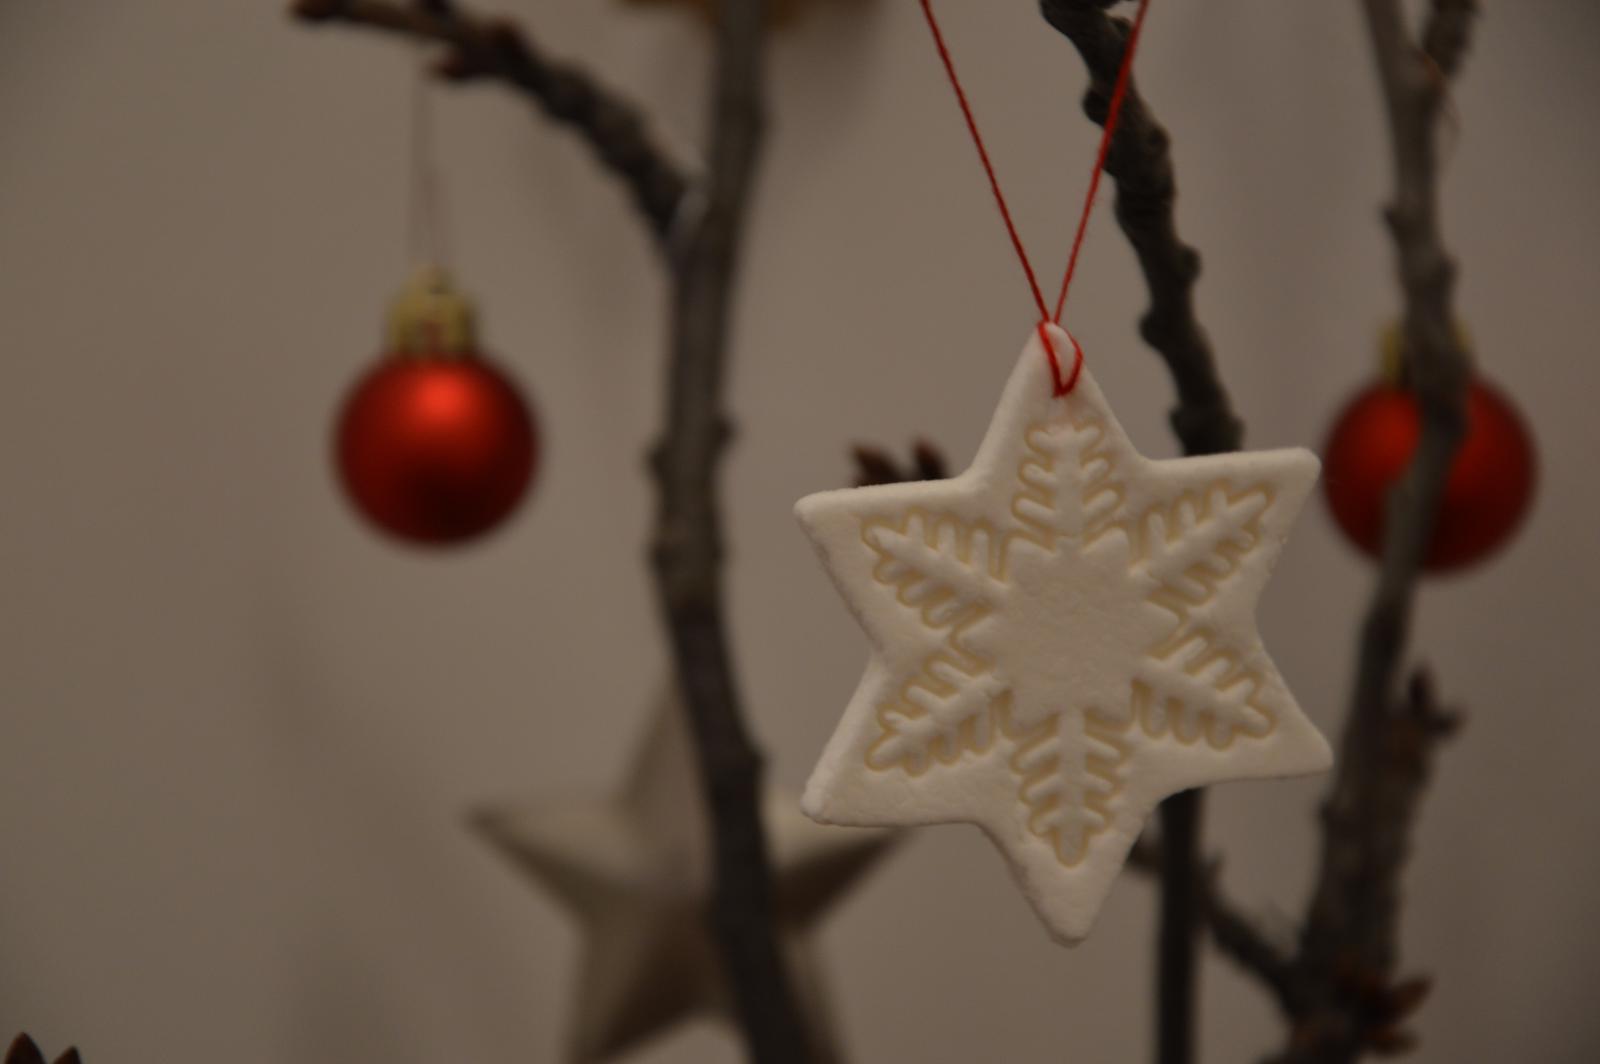 ★☆★Adventný a vianočný čas u nás ... ★☆★ 2015, 2016 - ozdoby sú síce pekné, ale veľmi krehke, už sa mi zlomili asi 4 snehove vločky :-D